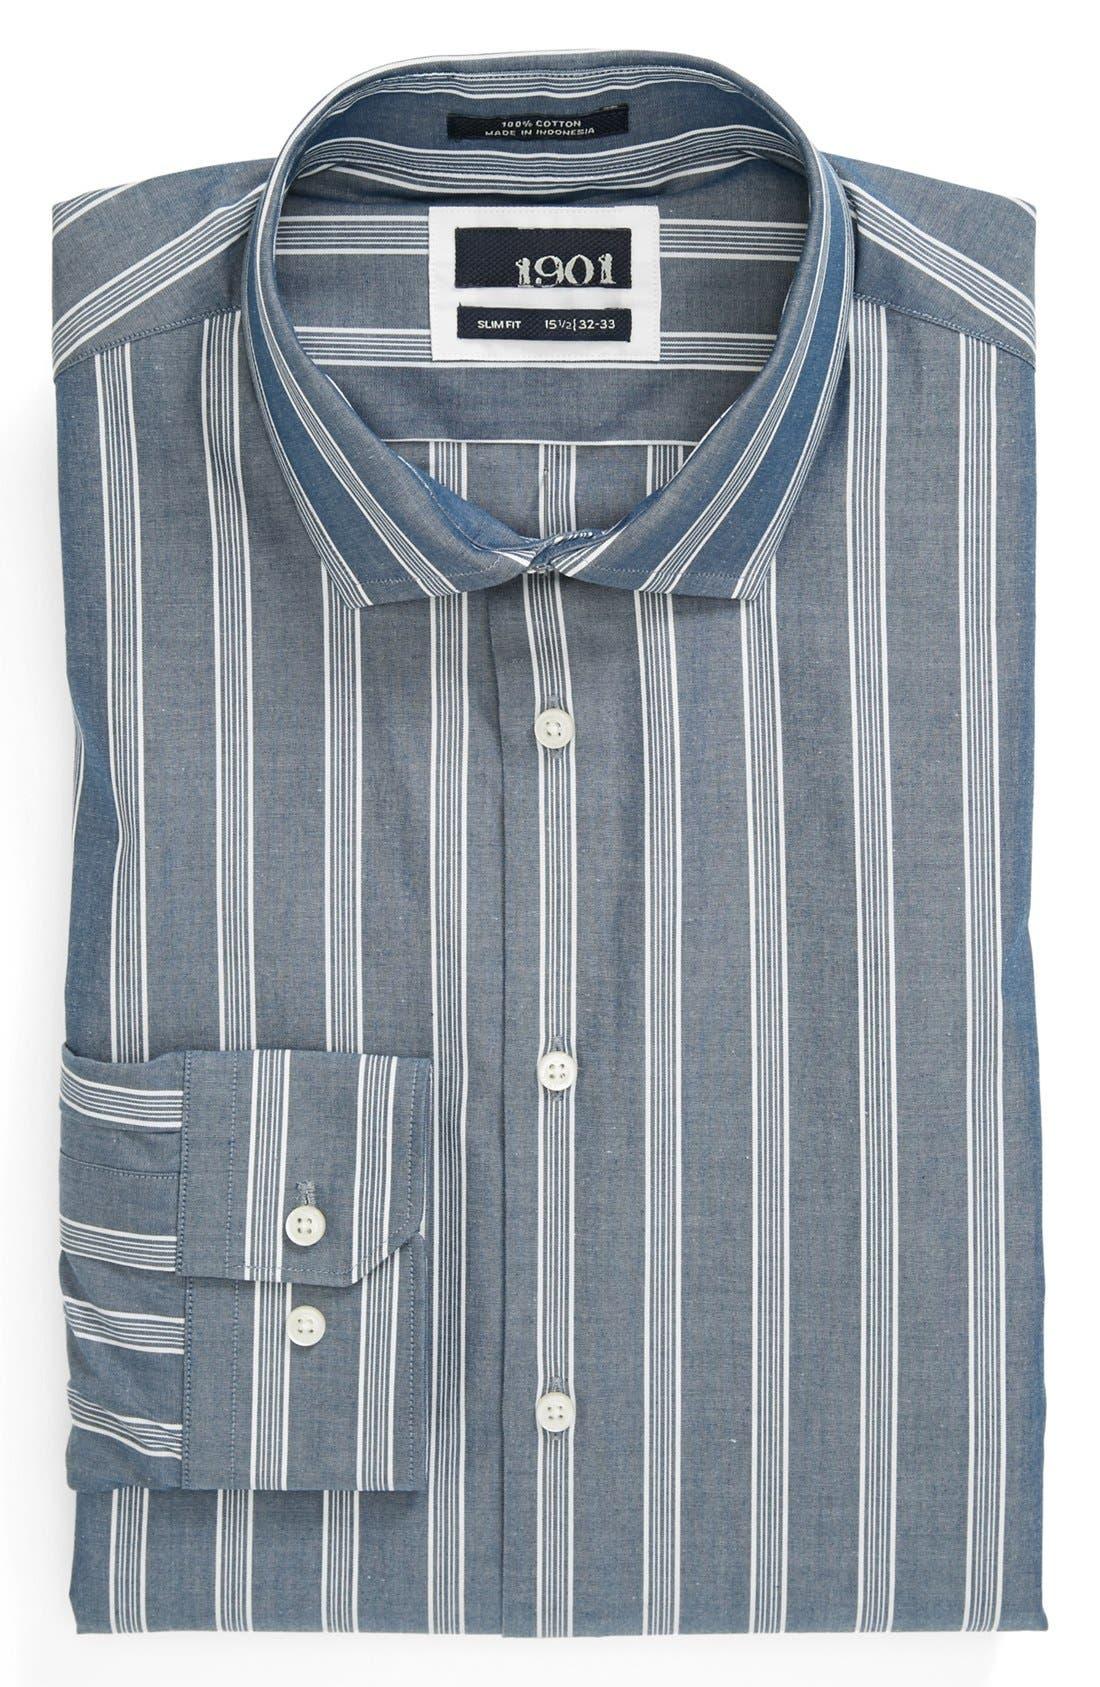 Main Image - 1901 Slim Fit Dress Shirt